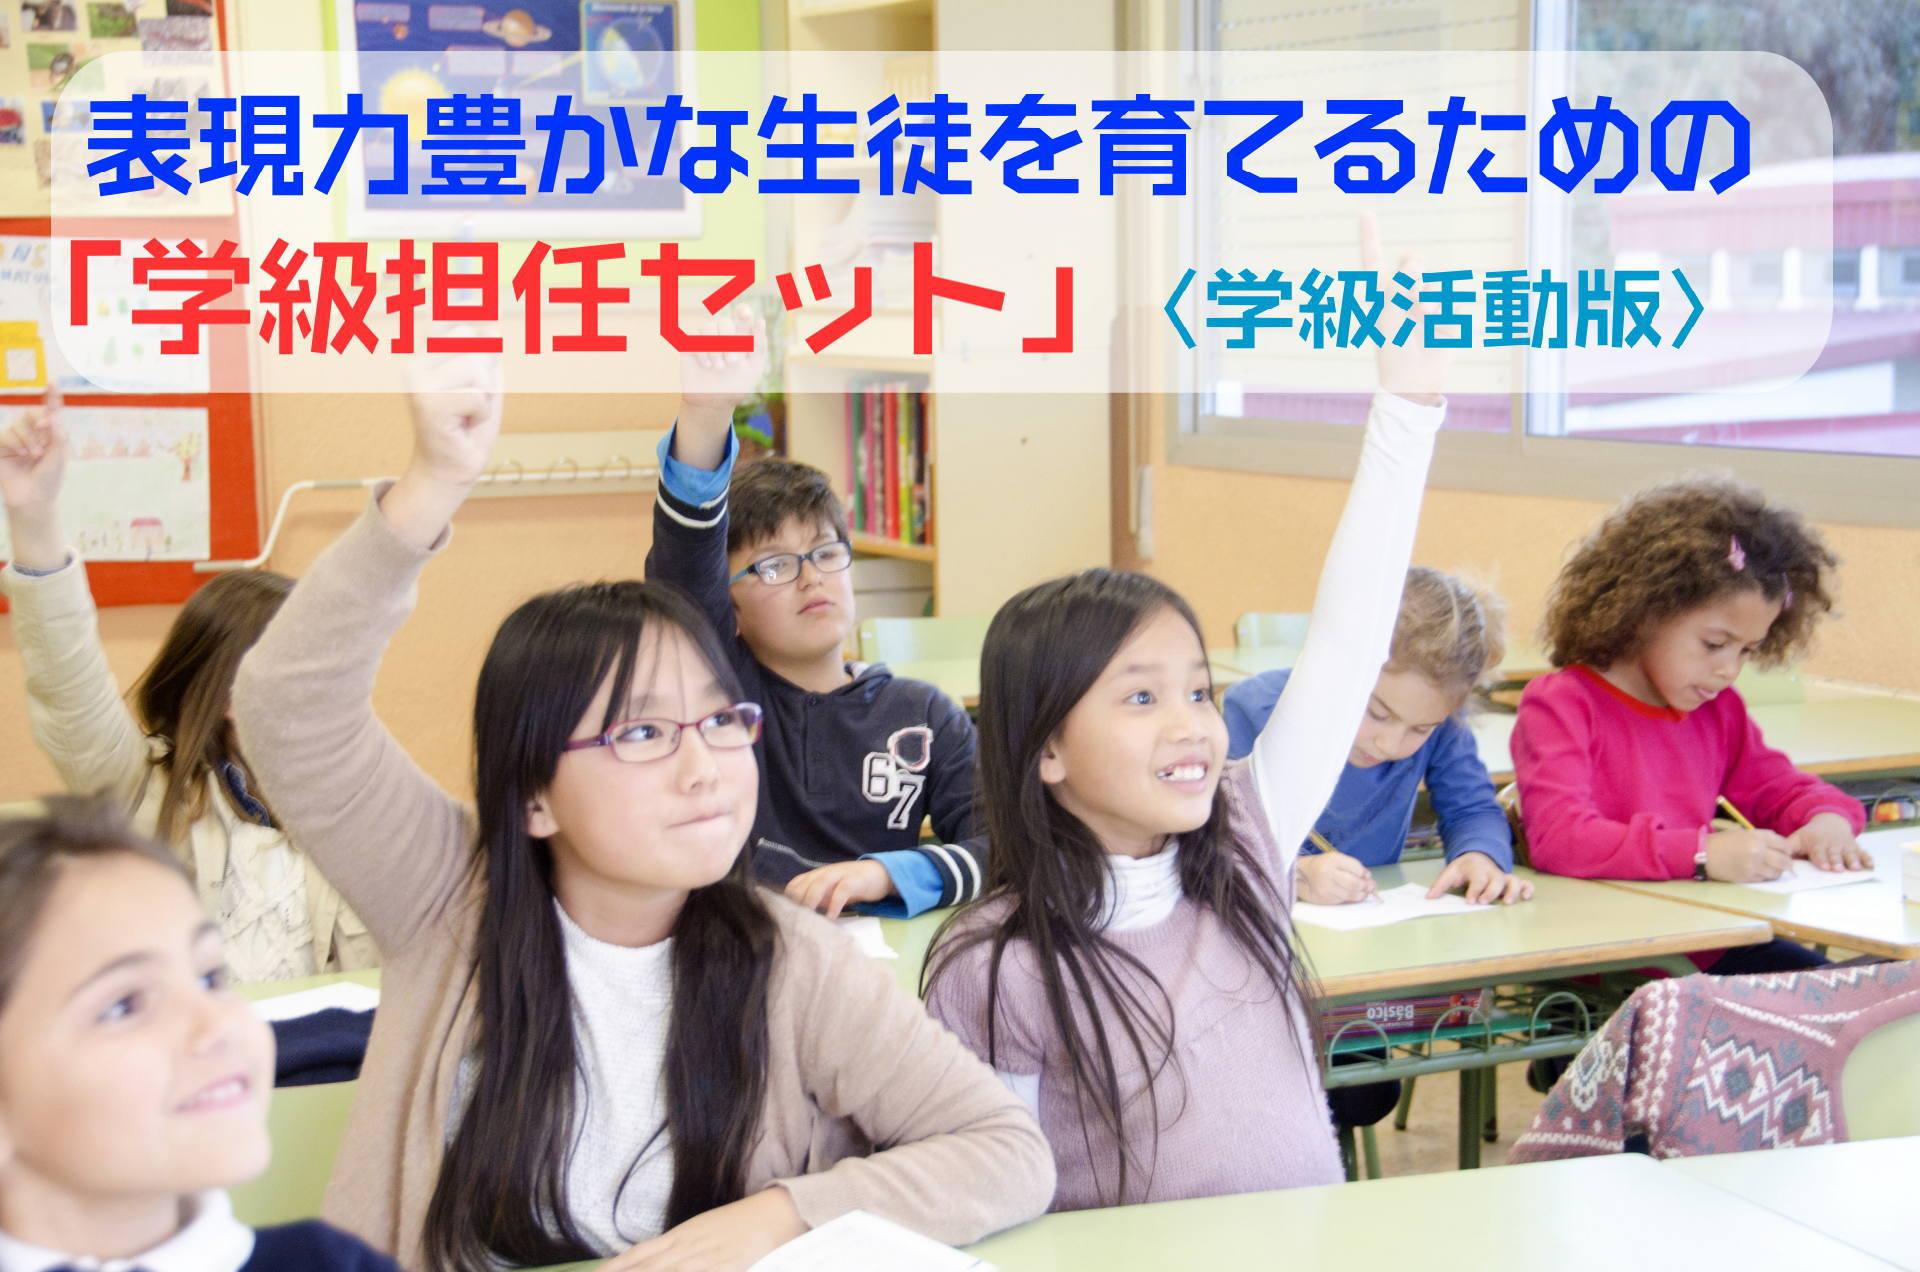 表現力豊かな生徒を育てるための「学級担任セット」<学級活動版>